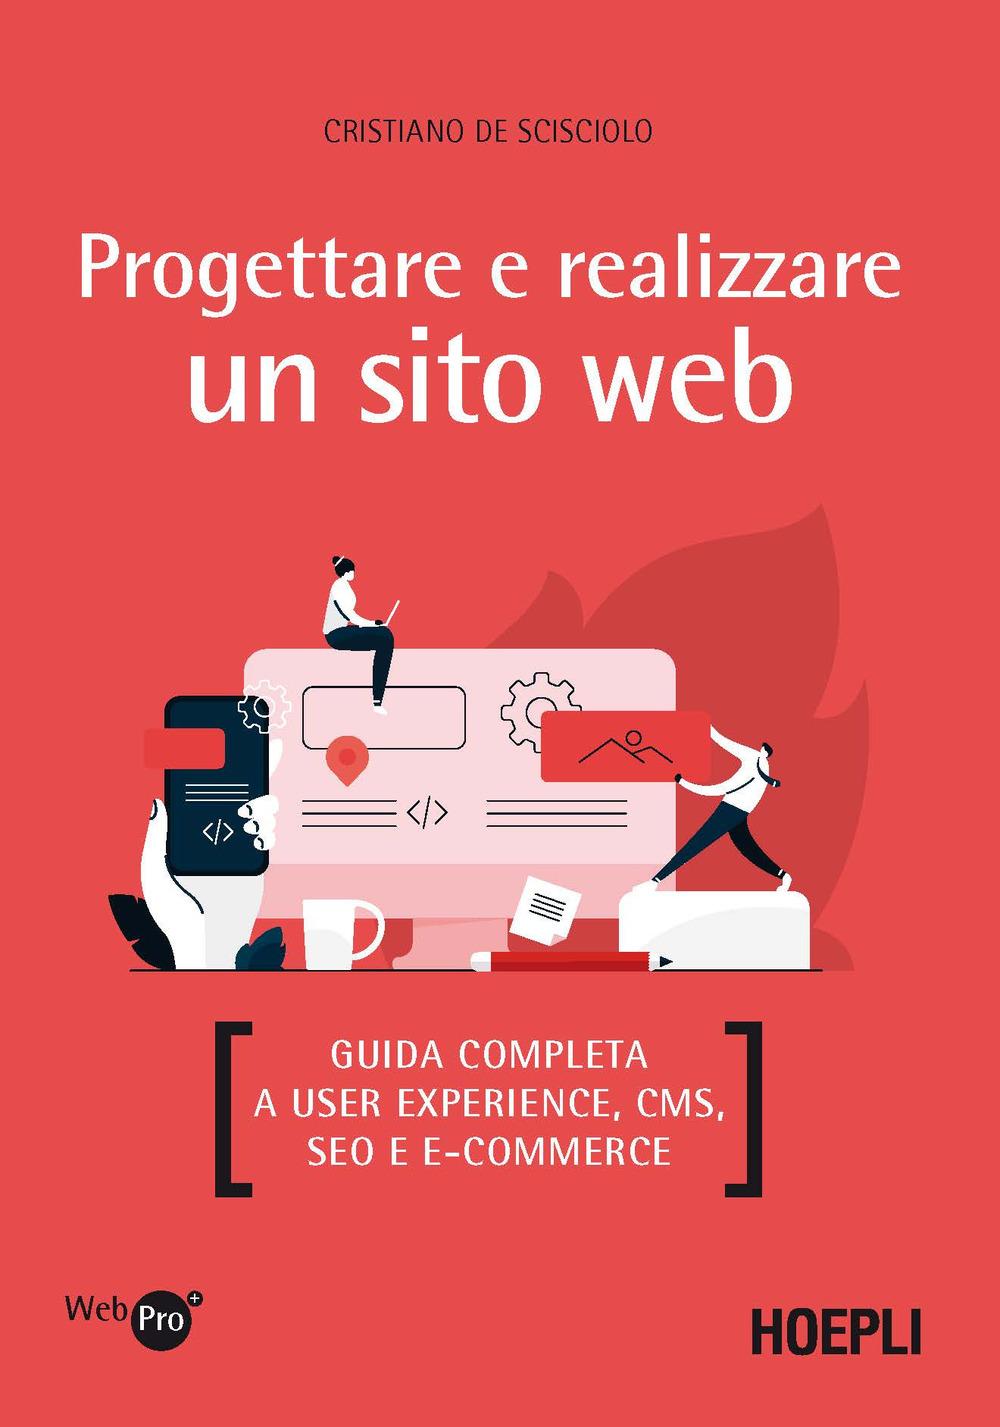 Image of Progettare e realizzare un sito web. Guida completa a User experience, CMS, SEO e e-commerce